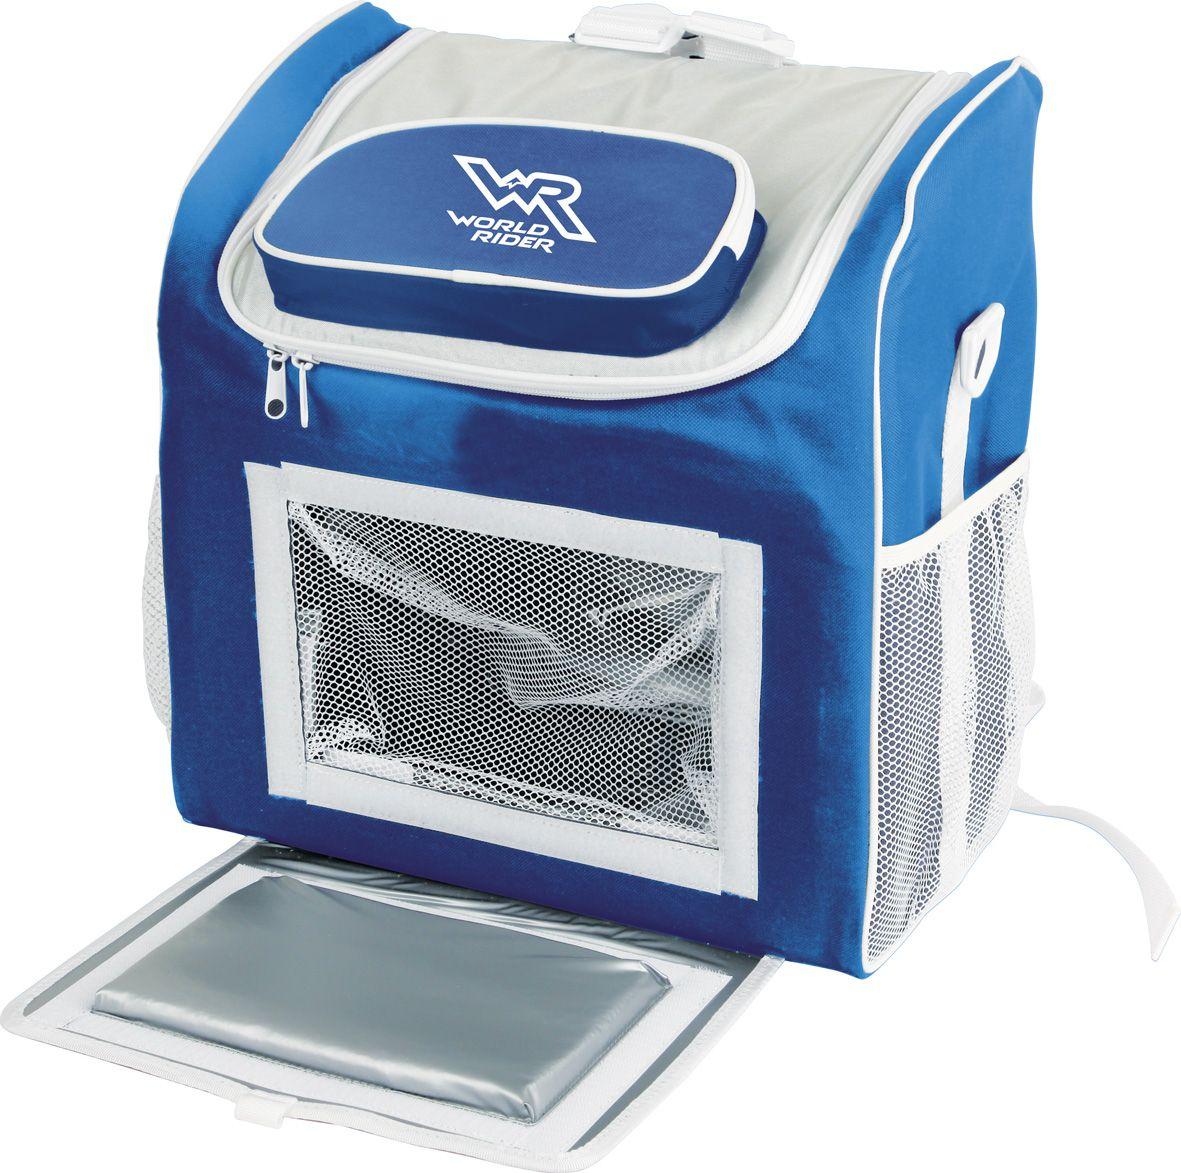 Сумка-холодильник World Rider, 28 л. WR 6517WR 6517Сумка-холодильник World Rider длительное время сохраняет продукты в свежемсостоянии, поддерживает температуру на нужном уровне. Обеспечивает разницутемператур 10–12°С по отношению к температуре окружающей среды. Сумкаимеет долговечный бесколлекторный мотор и съемную систему охлаждения.Идеально подходит для поездки на дачу и на пикник. Для удобной переноскисумка имеет форму рюкзака и съемный плечевой ремень. Дополнительноеотделение на крышке и два боковых кармана создают дополнительное удобство.Напряжение: DC 12 В. Потребляемая мощность: 40–65 Вт.